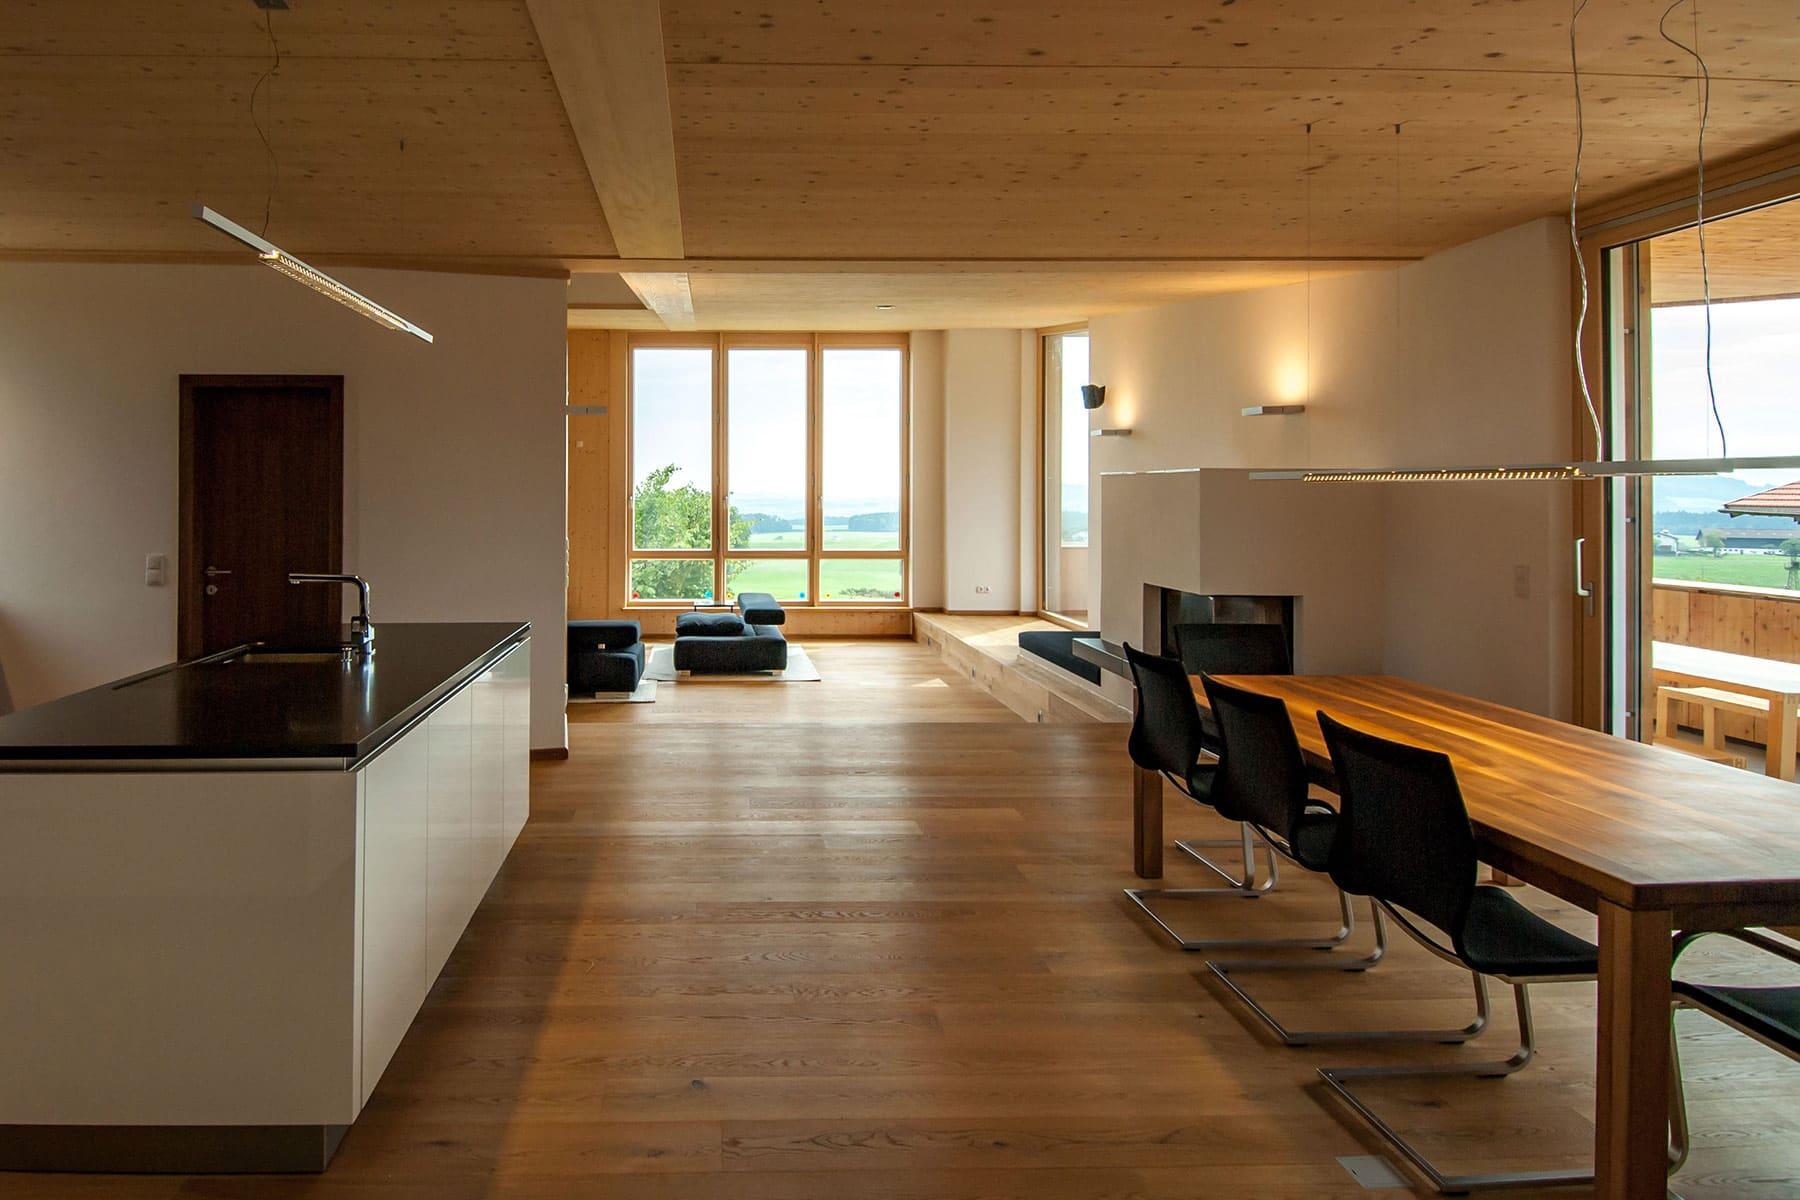 wohnküche, holzhaus, architekt, haus, bauernhof, umbau, salzburg, landleben, loft, architektur